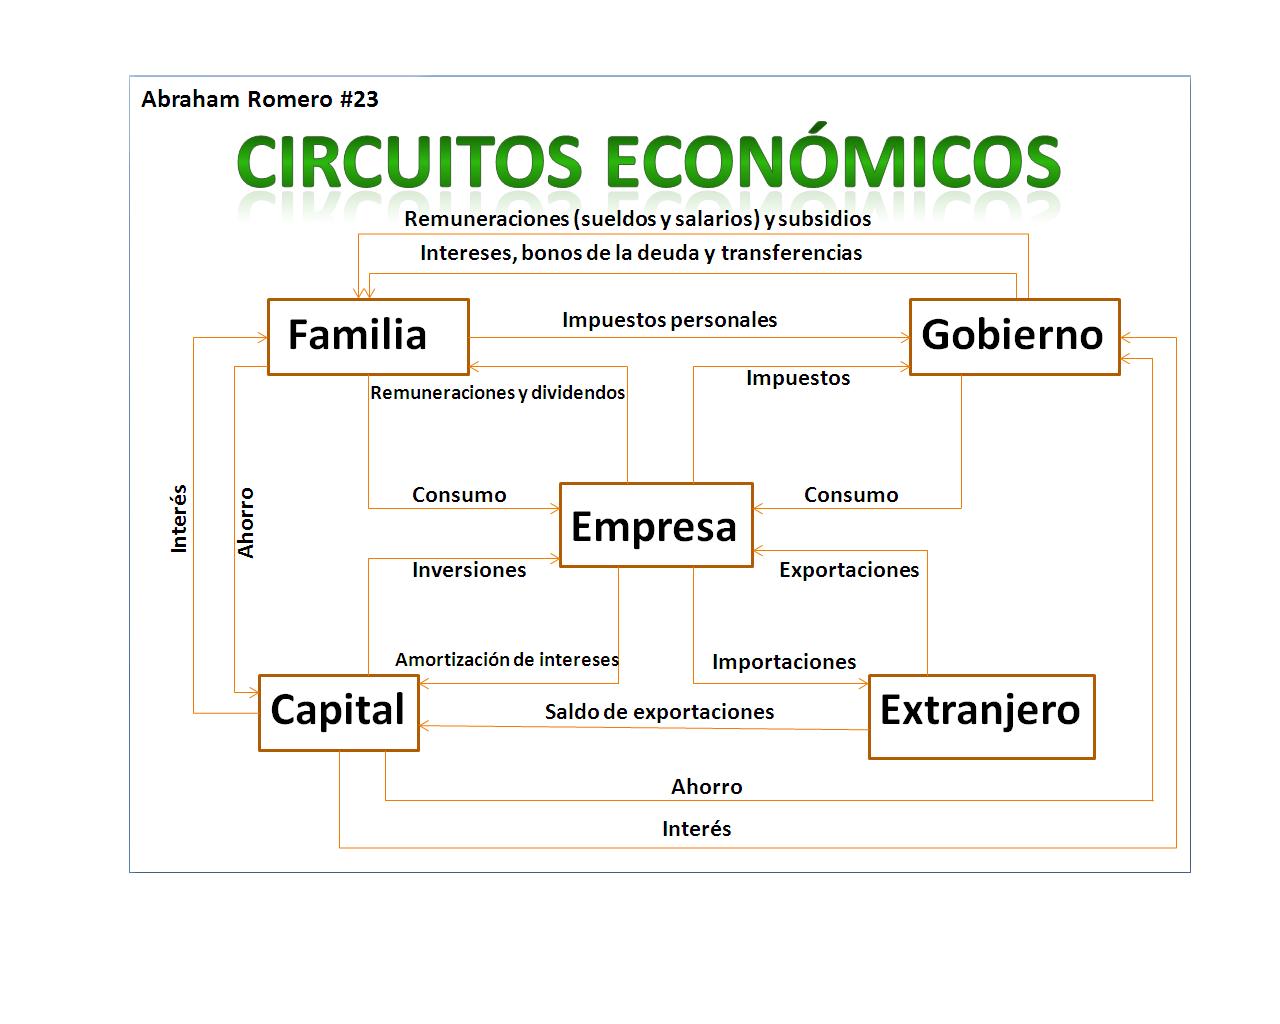 Circuito Economico : Fundamentos de economía circuito economico